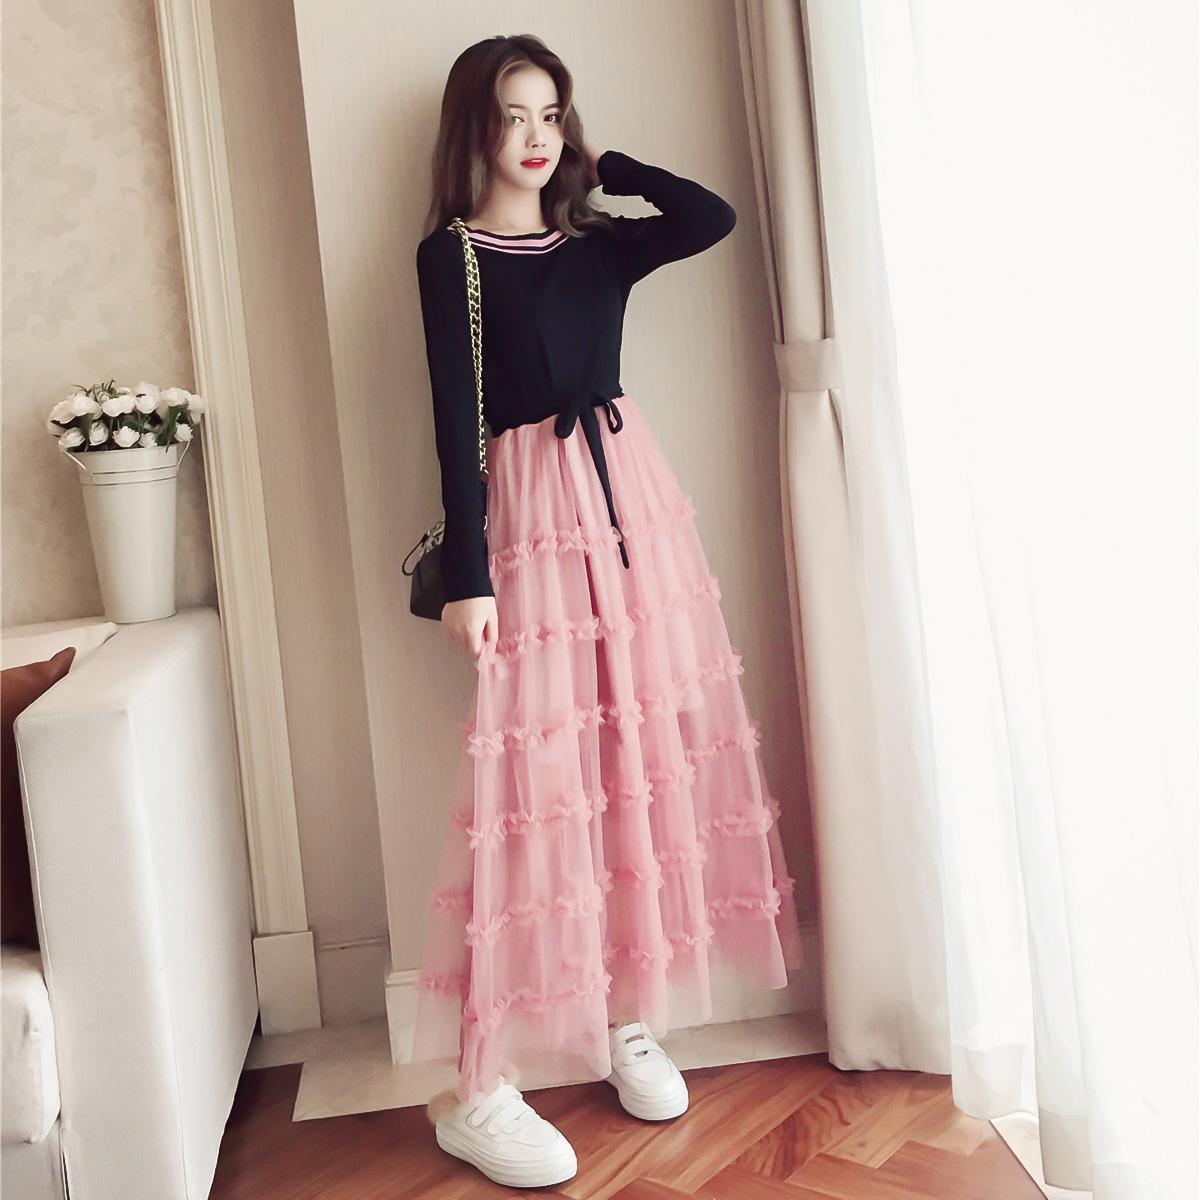 连衣裙女秋装2018新款韩版中长款针织网纱拼接长袖chic早秋长裙子